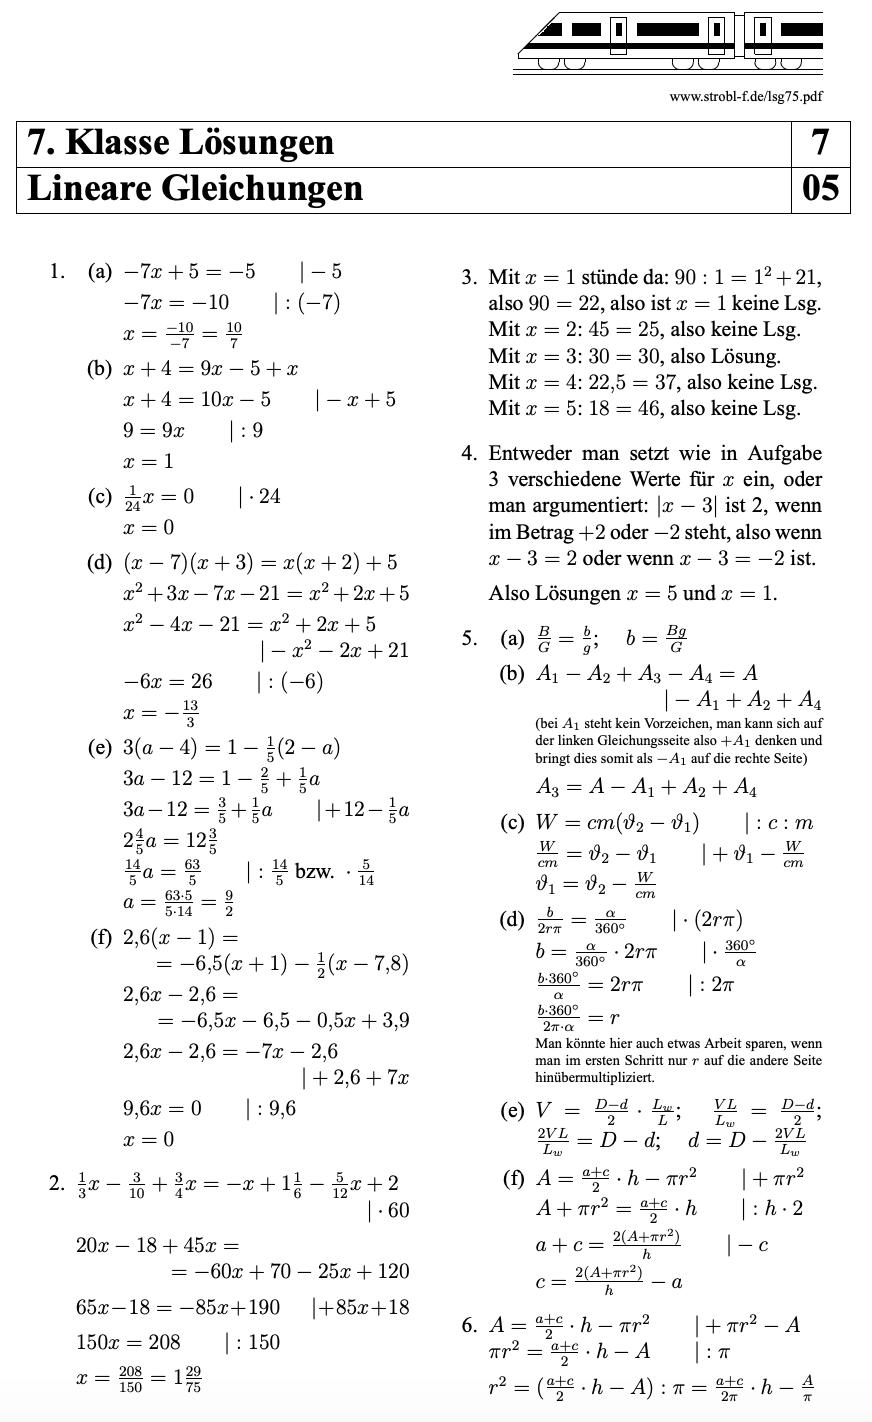 Lineare Gleichungen Ubungen Und Aufgaben Mit Losungen Pdf Download Nachhilfe Mathe Mathe Unterrichten Gleichungen